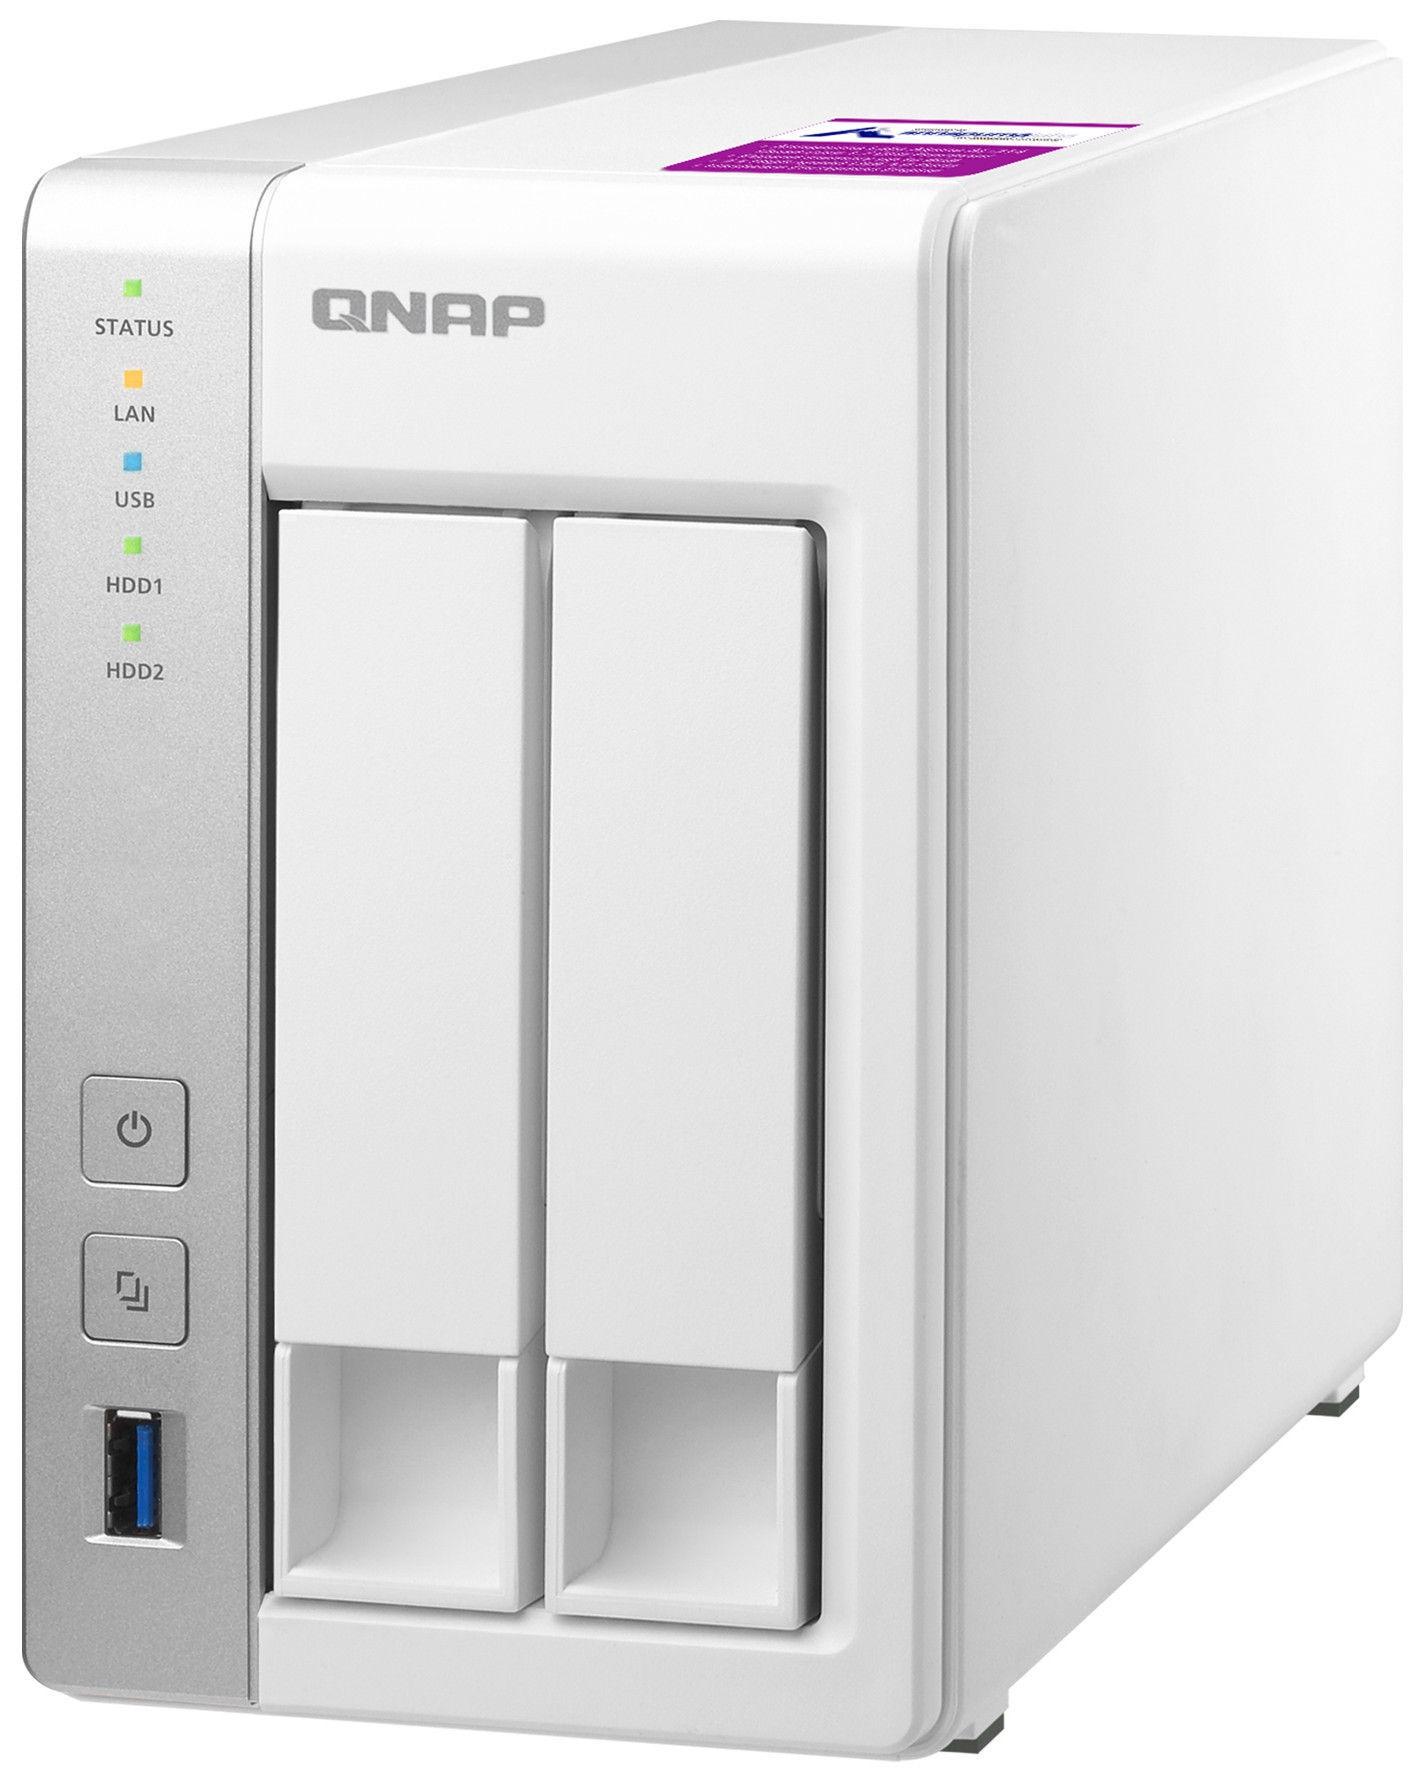 QNAP Systems TS-231P2-1G 2-Bay NAS 2TB